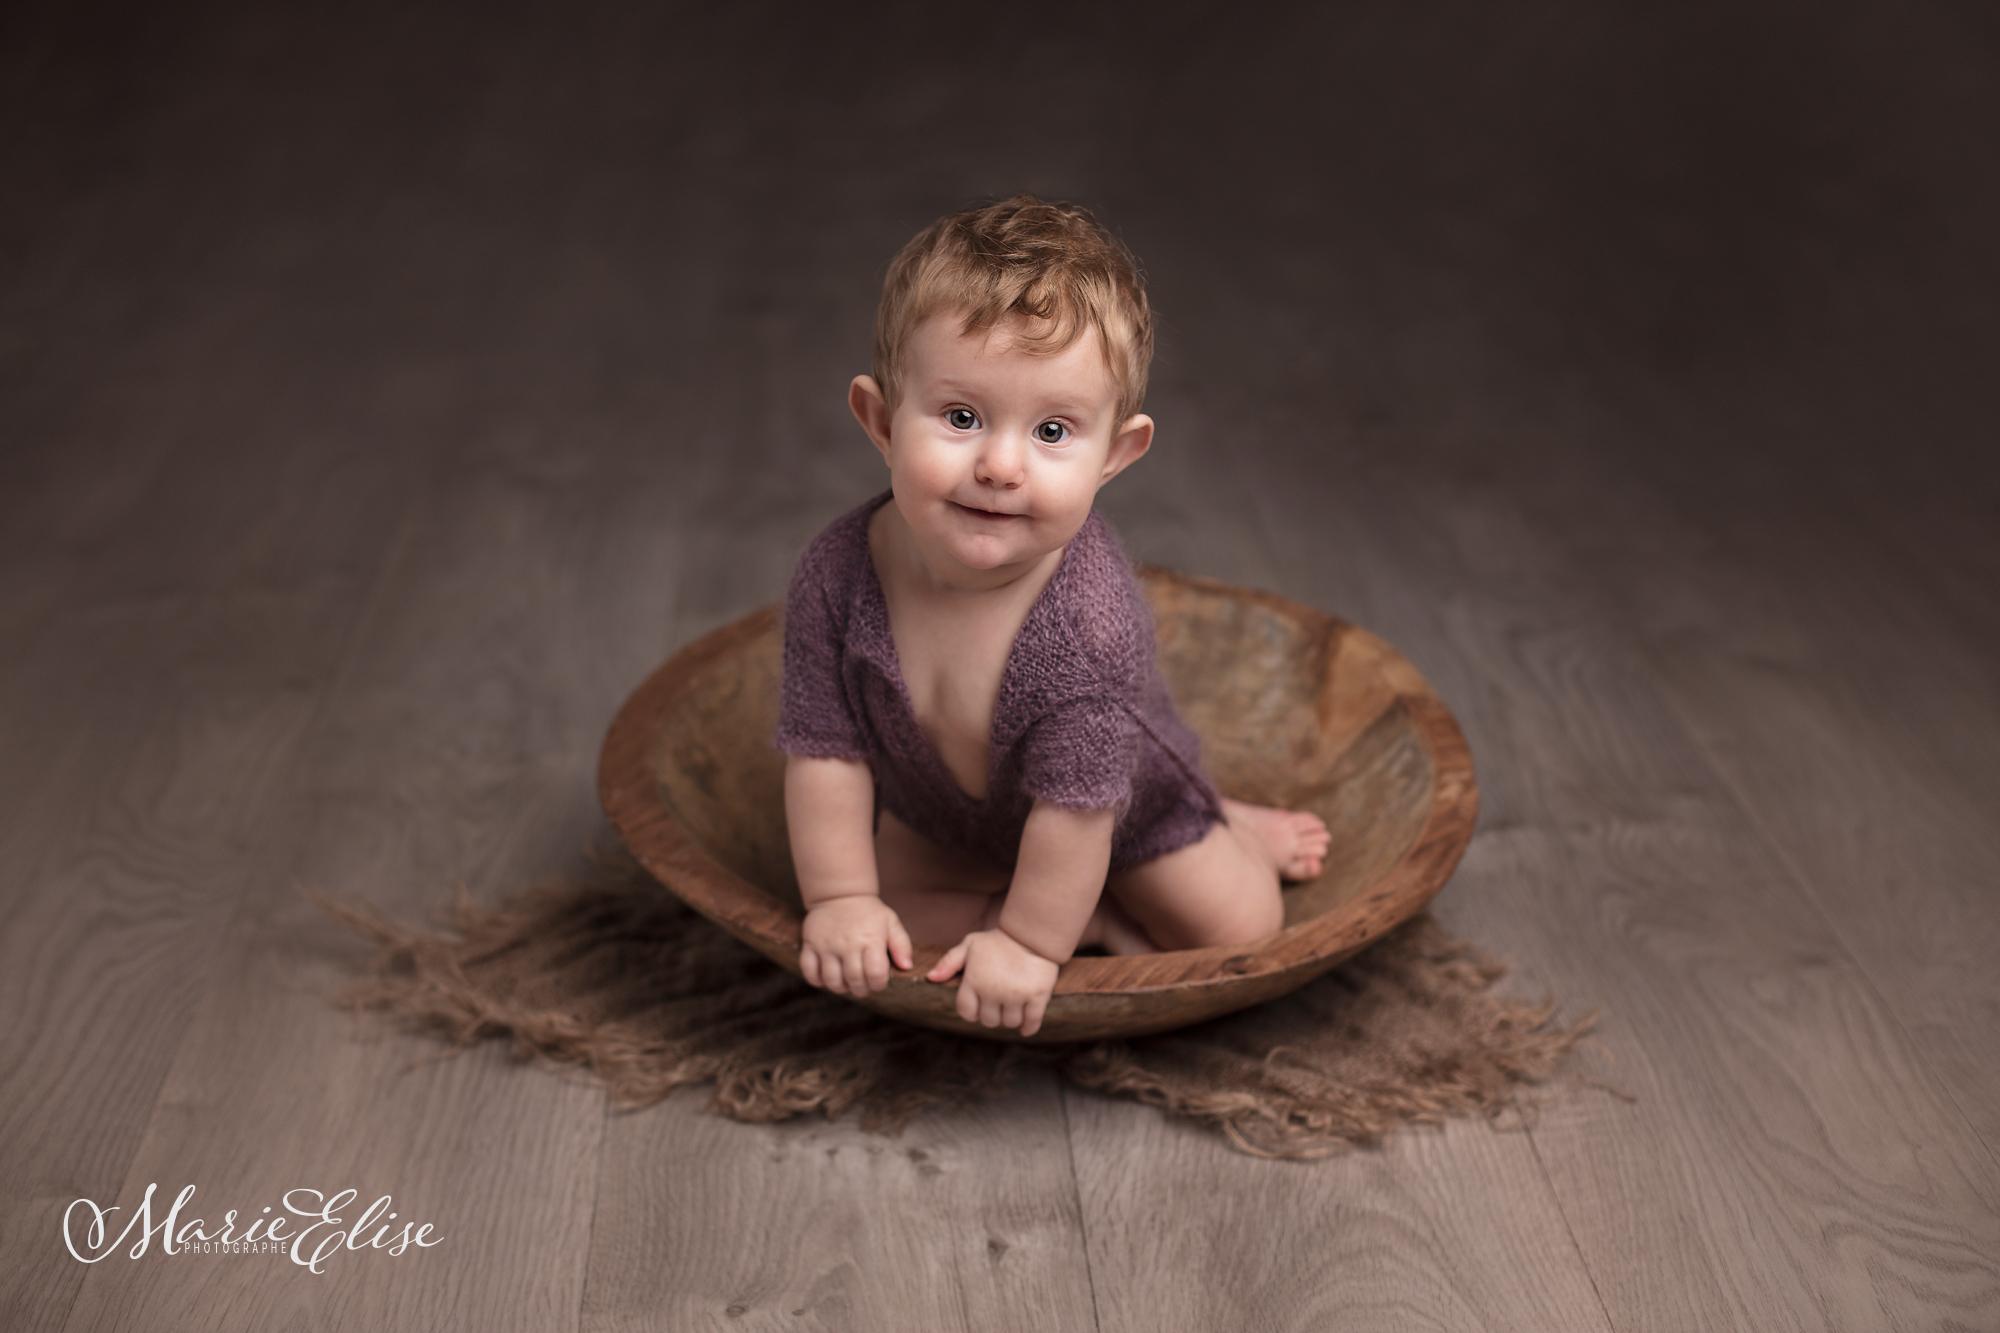 Bébé assis dans un bol en bois